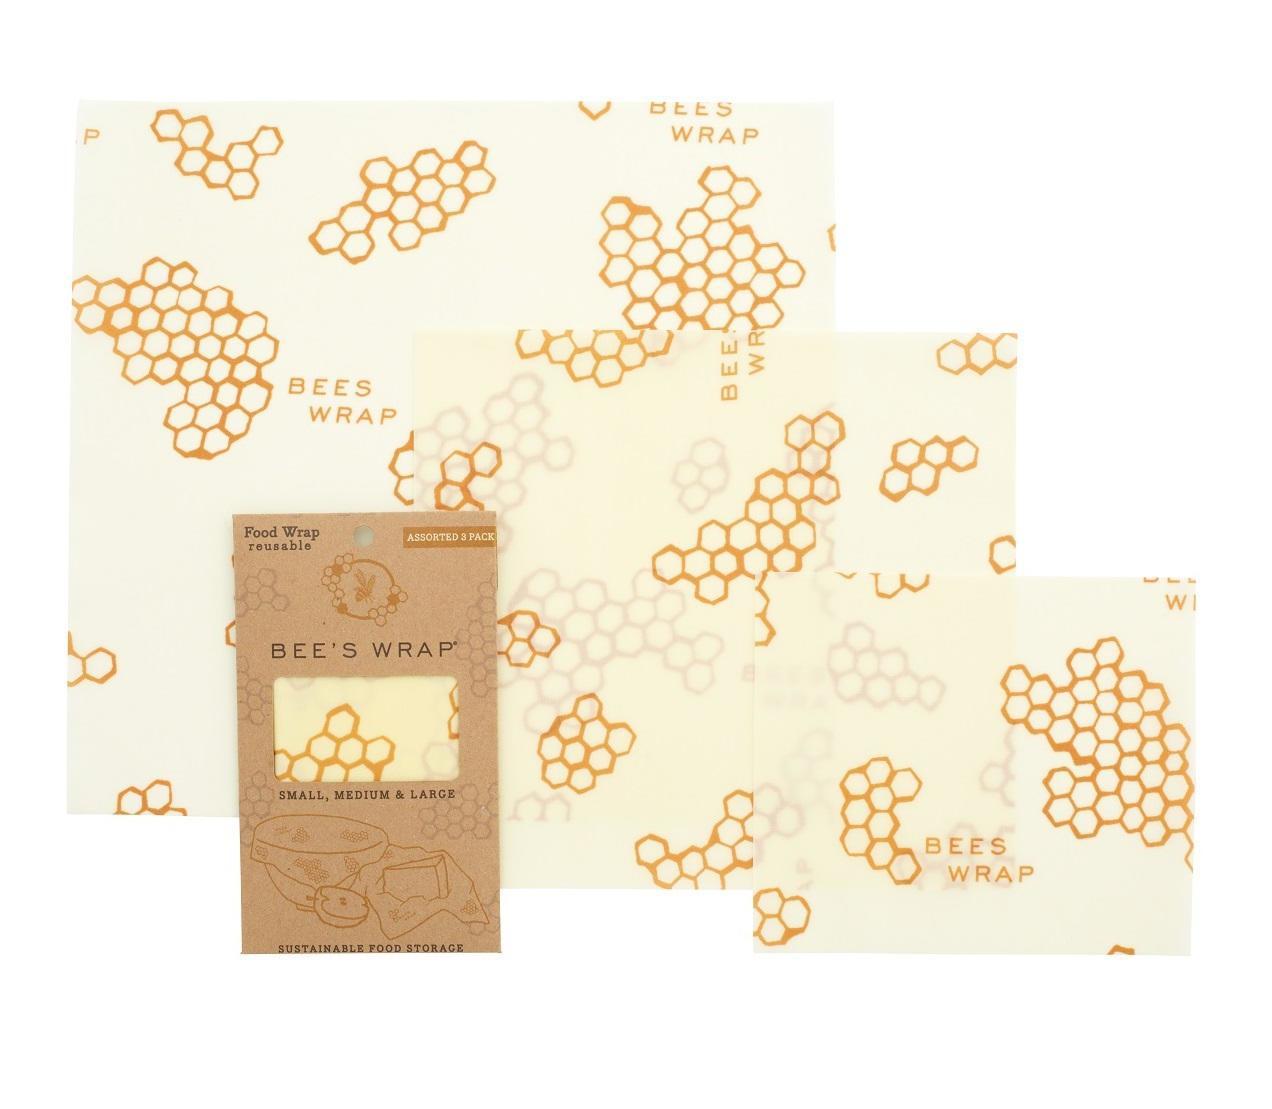 Bee's Wrap Ekologický potravinový ubrousek-3ks, žlutá barva, textil - Bee's Wrap Ubrousek voskovaný 3ks 17,5-33cm